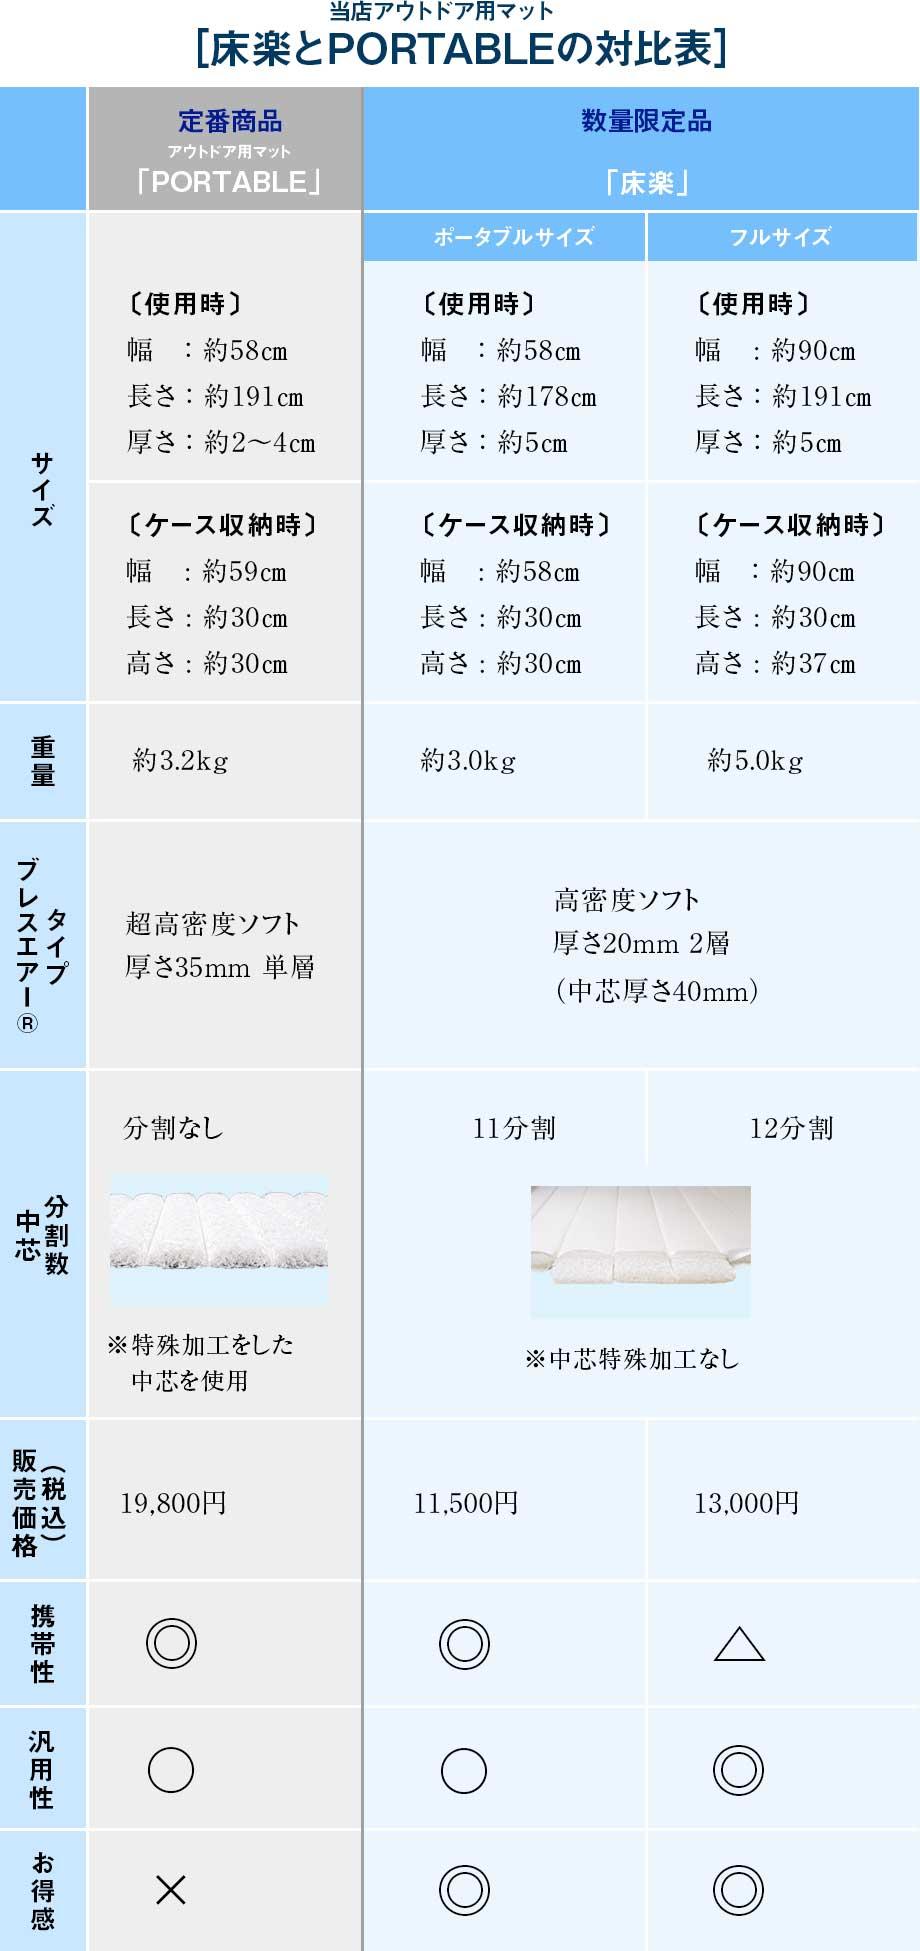 「アウトドア用マットPORTABLE」と「床楽」比較表